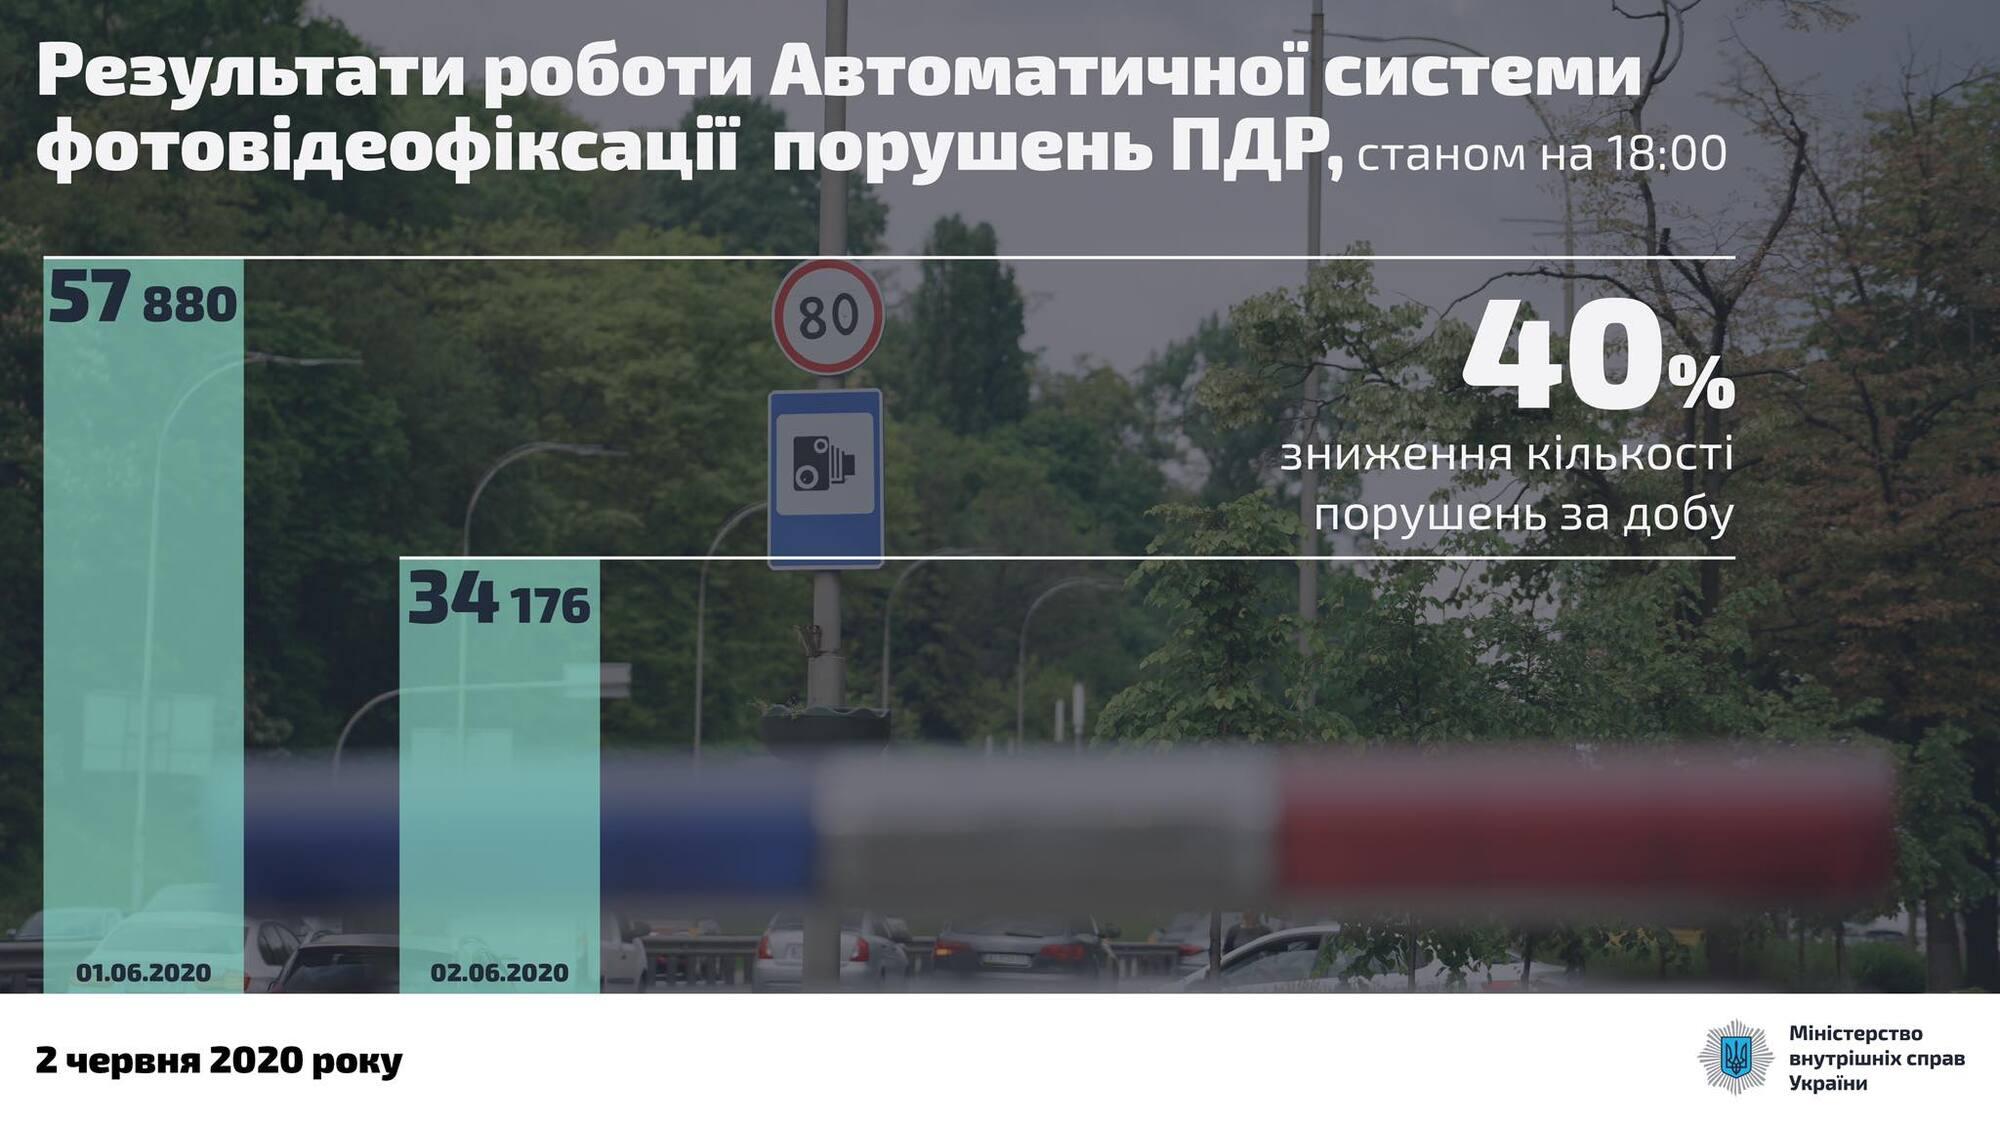 Число нарушений ПДД на доророгах